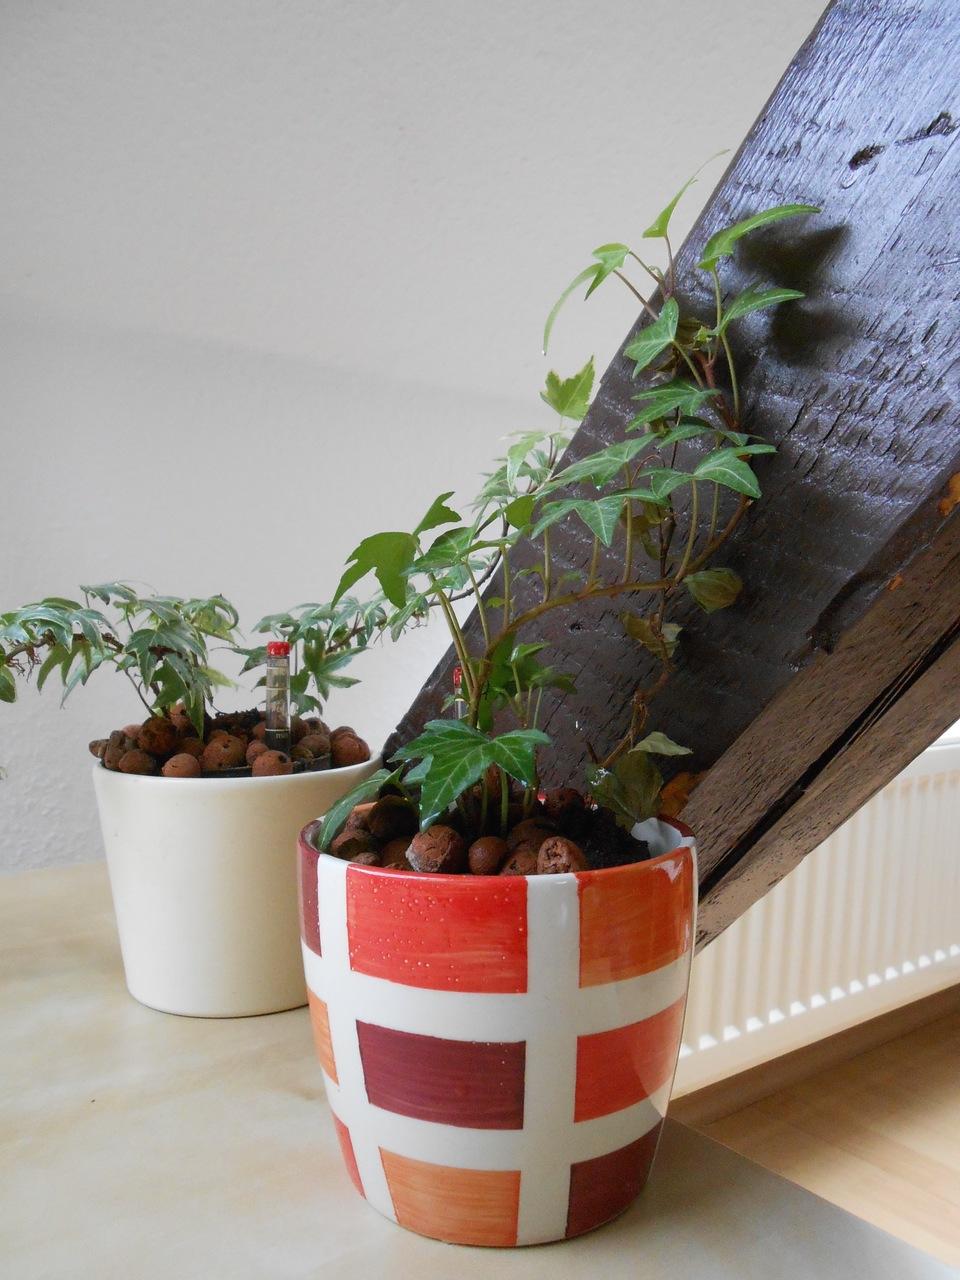 pflanzen im schlafzimmer so hast du einen gesunden schlaf. Black Bedroom Furniture Sets. Home Design Ideas